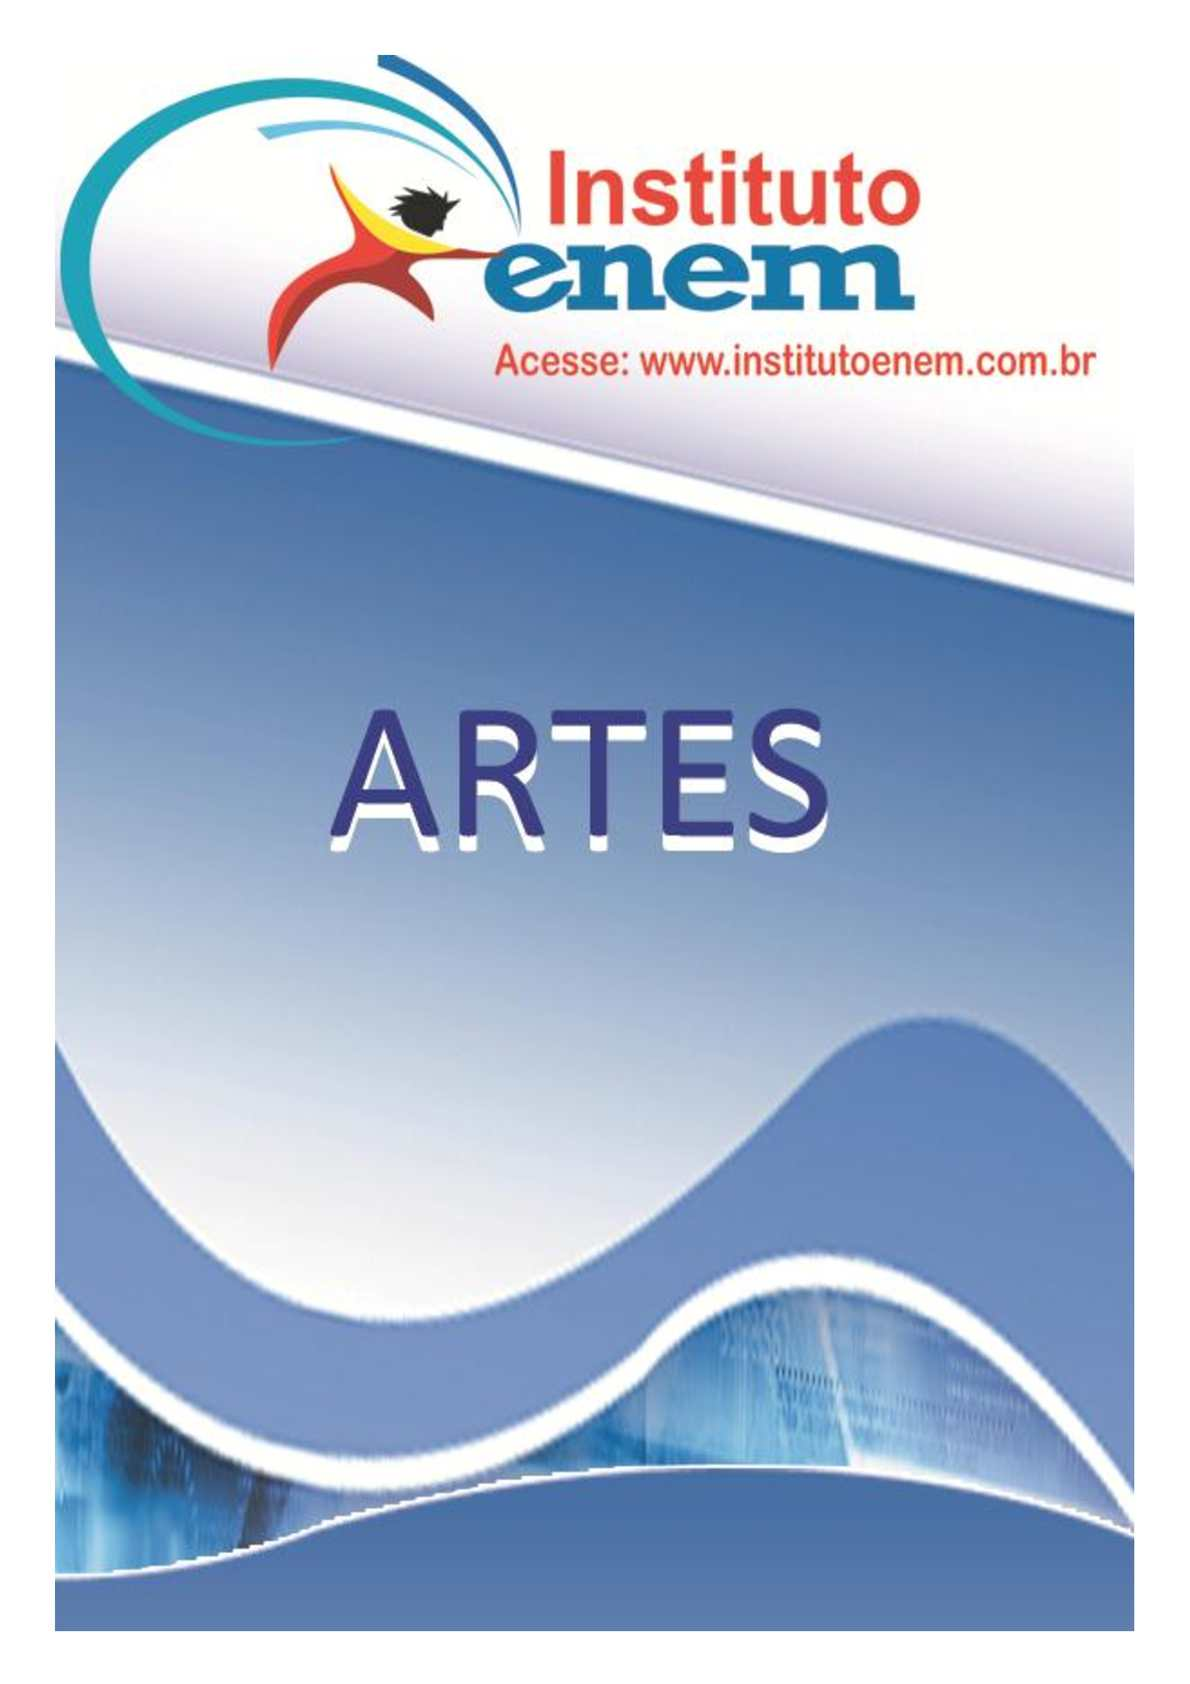 Material de Artes Instituto Enem